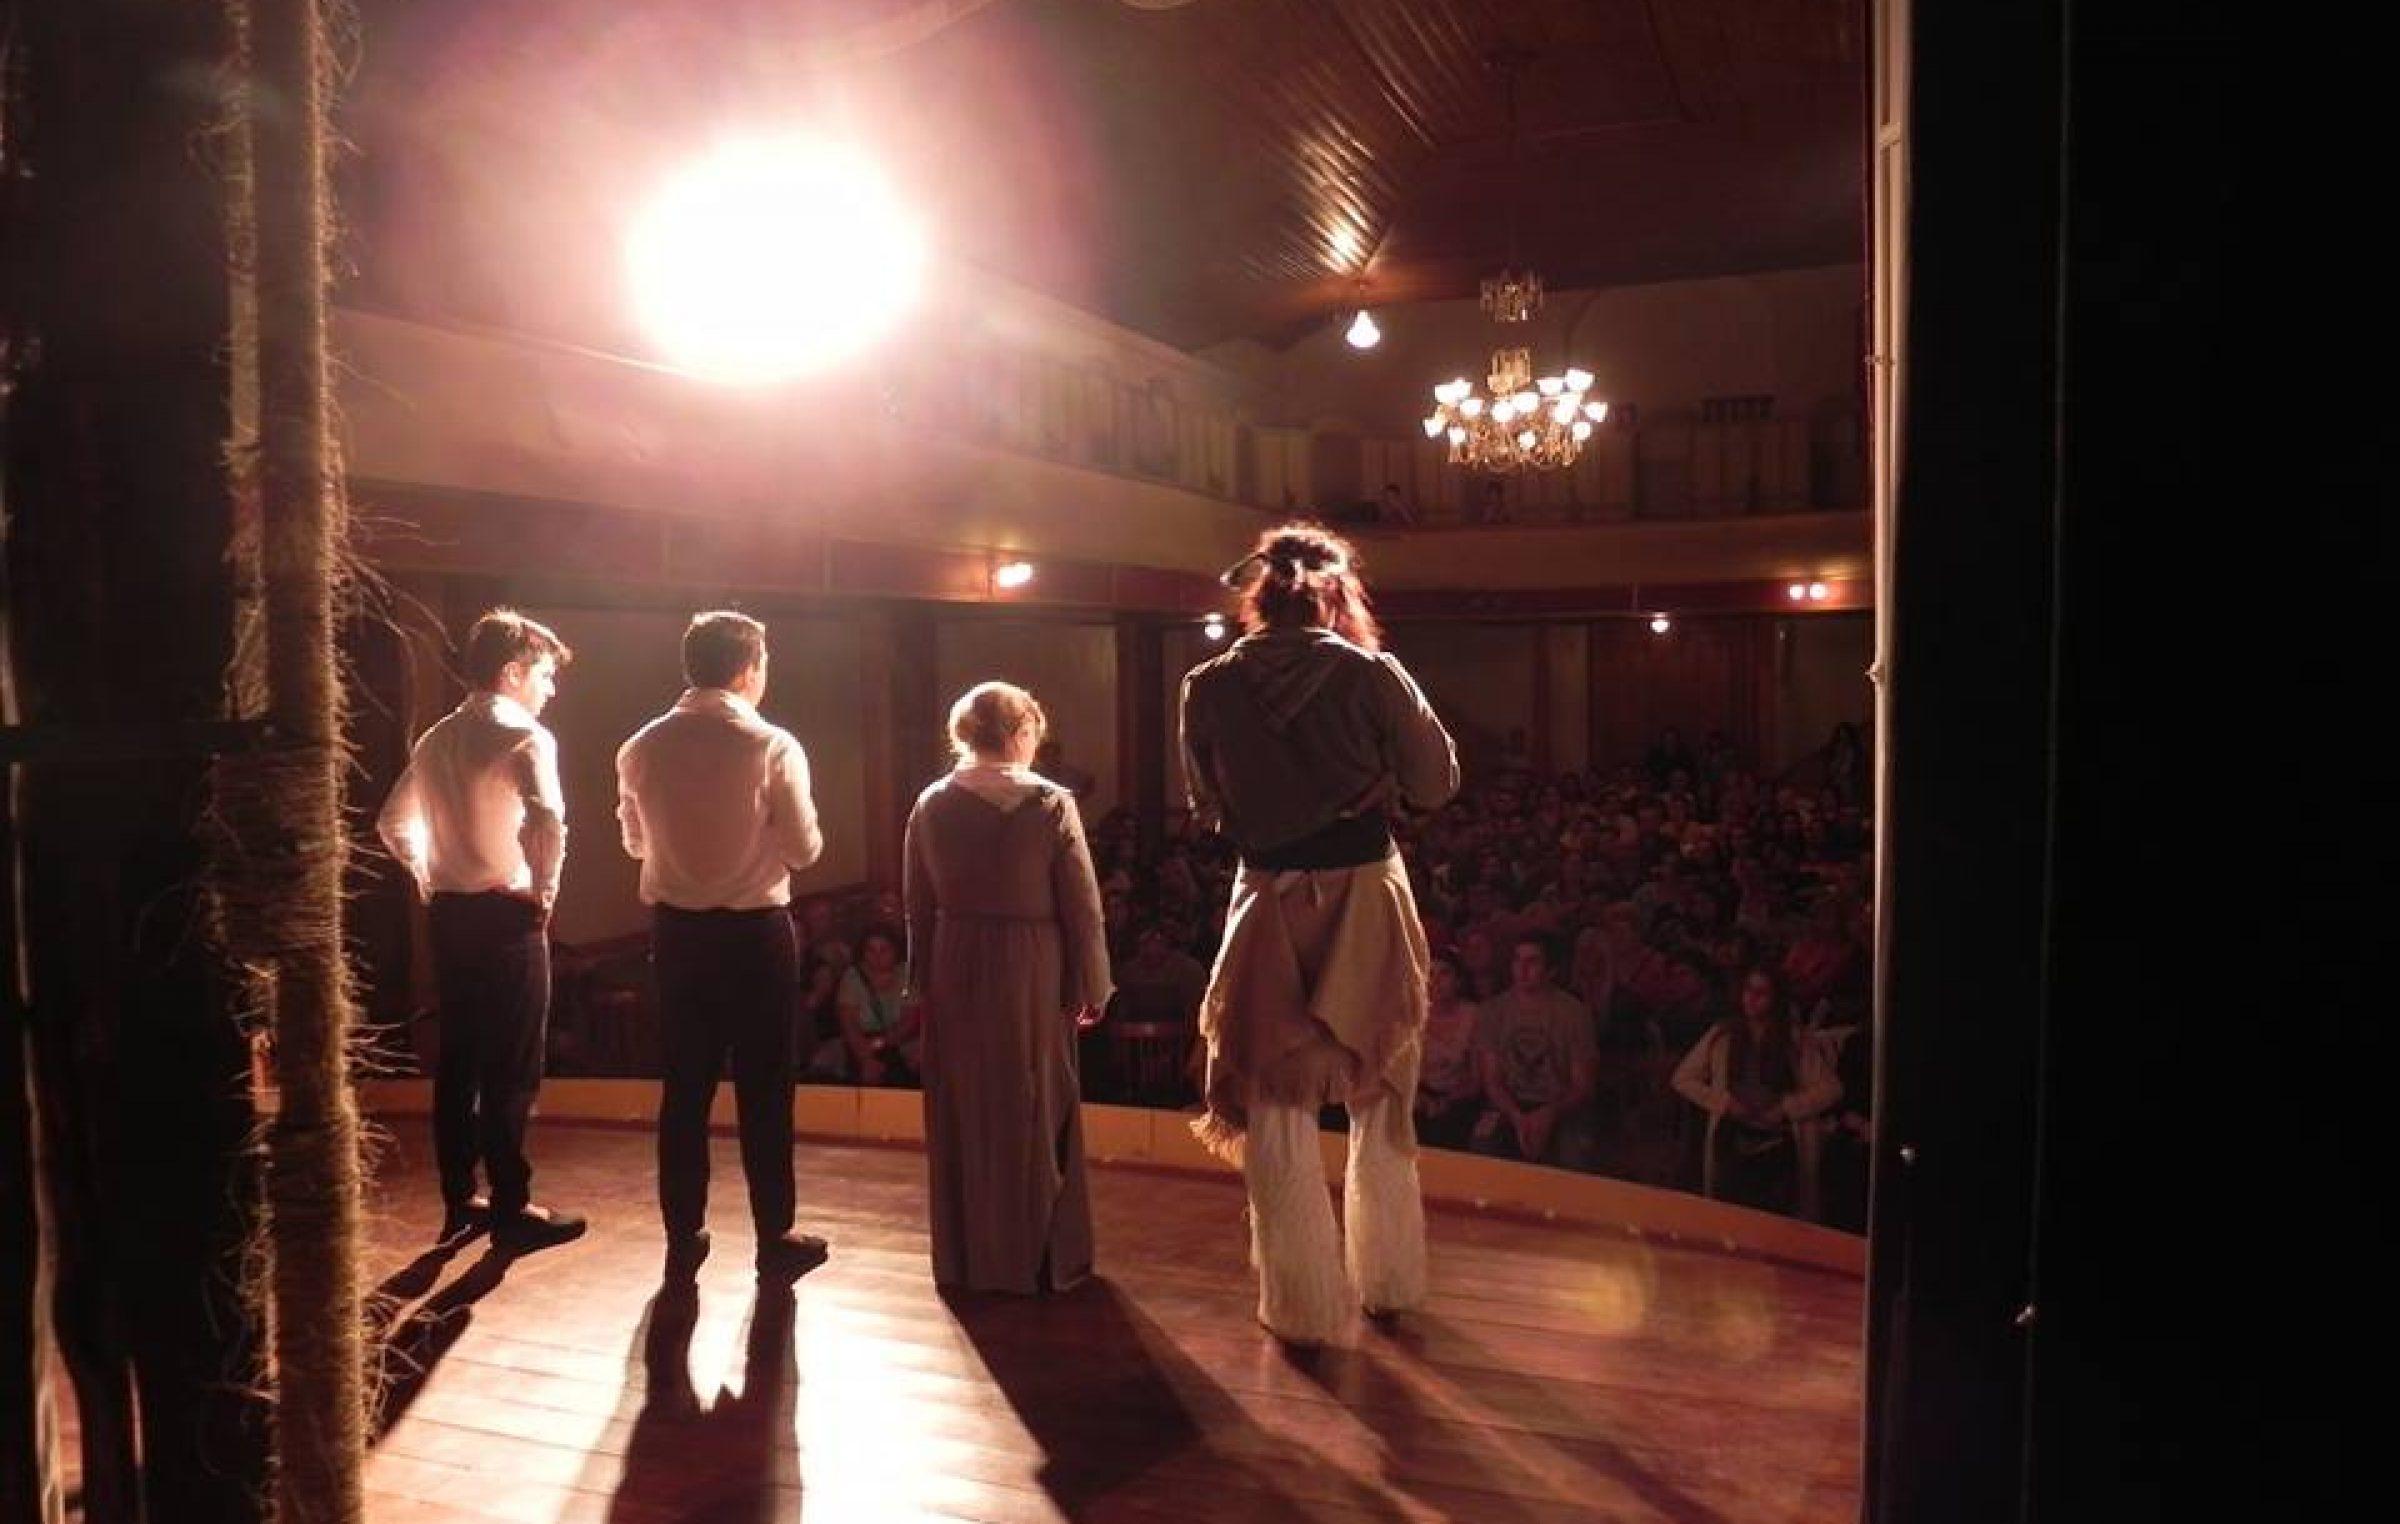 El Grupo de Teatro Arlequino, oriundo de la ciudad bonaerense de Carlos Casares, presenta la obra Martín Fierro. La cita es este domingo 17 de junio, desde las 20 horas, en el TAFS.